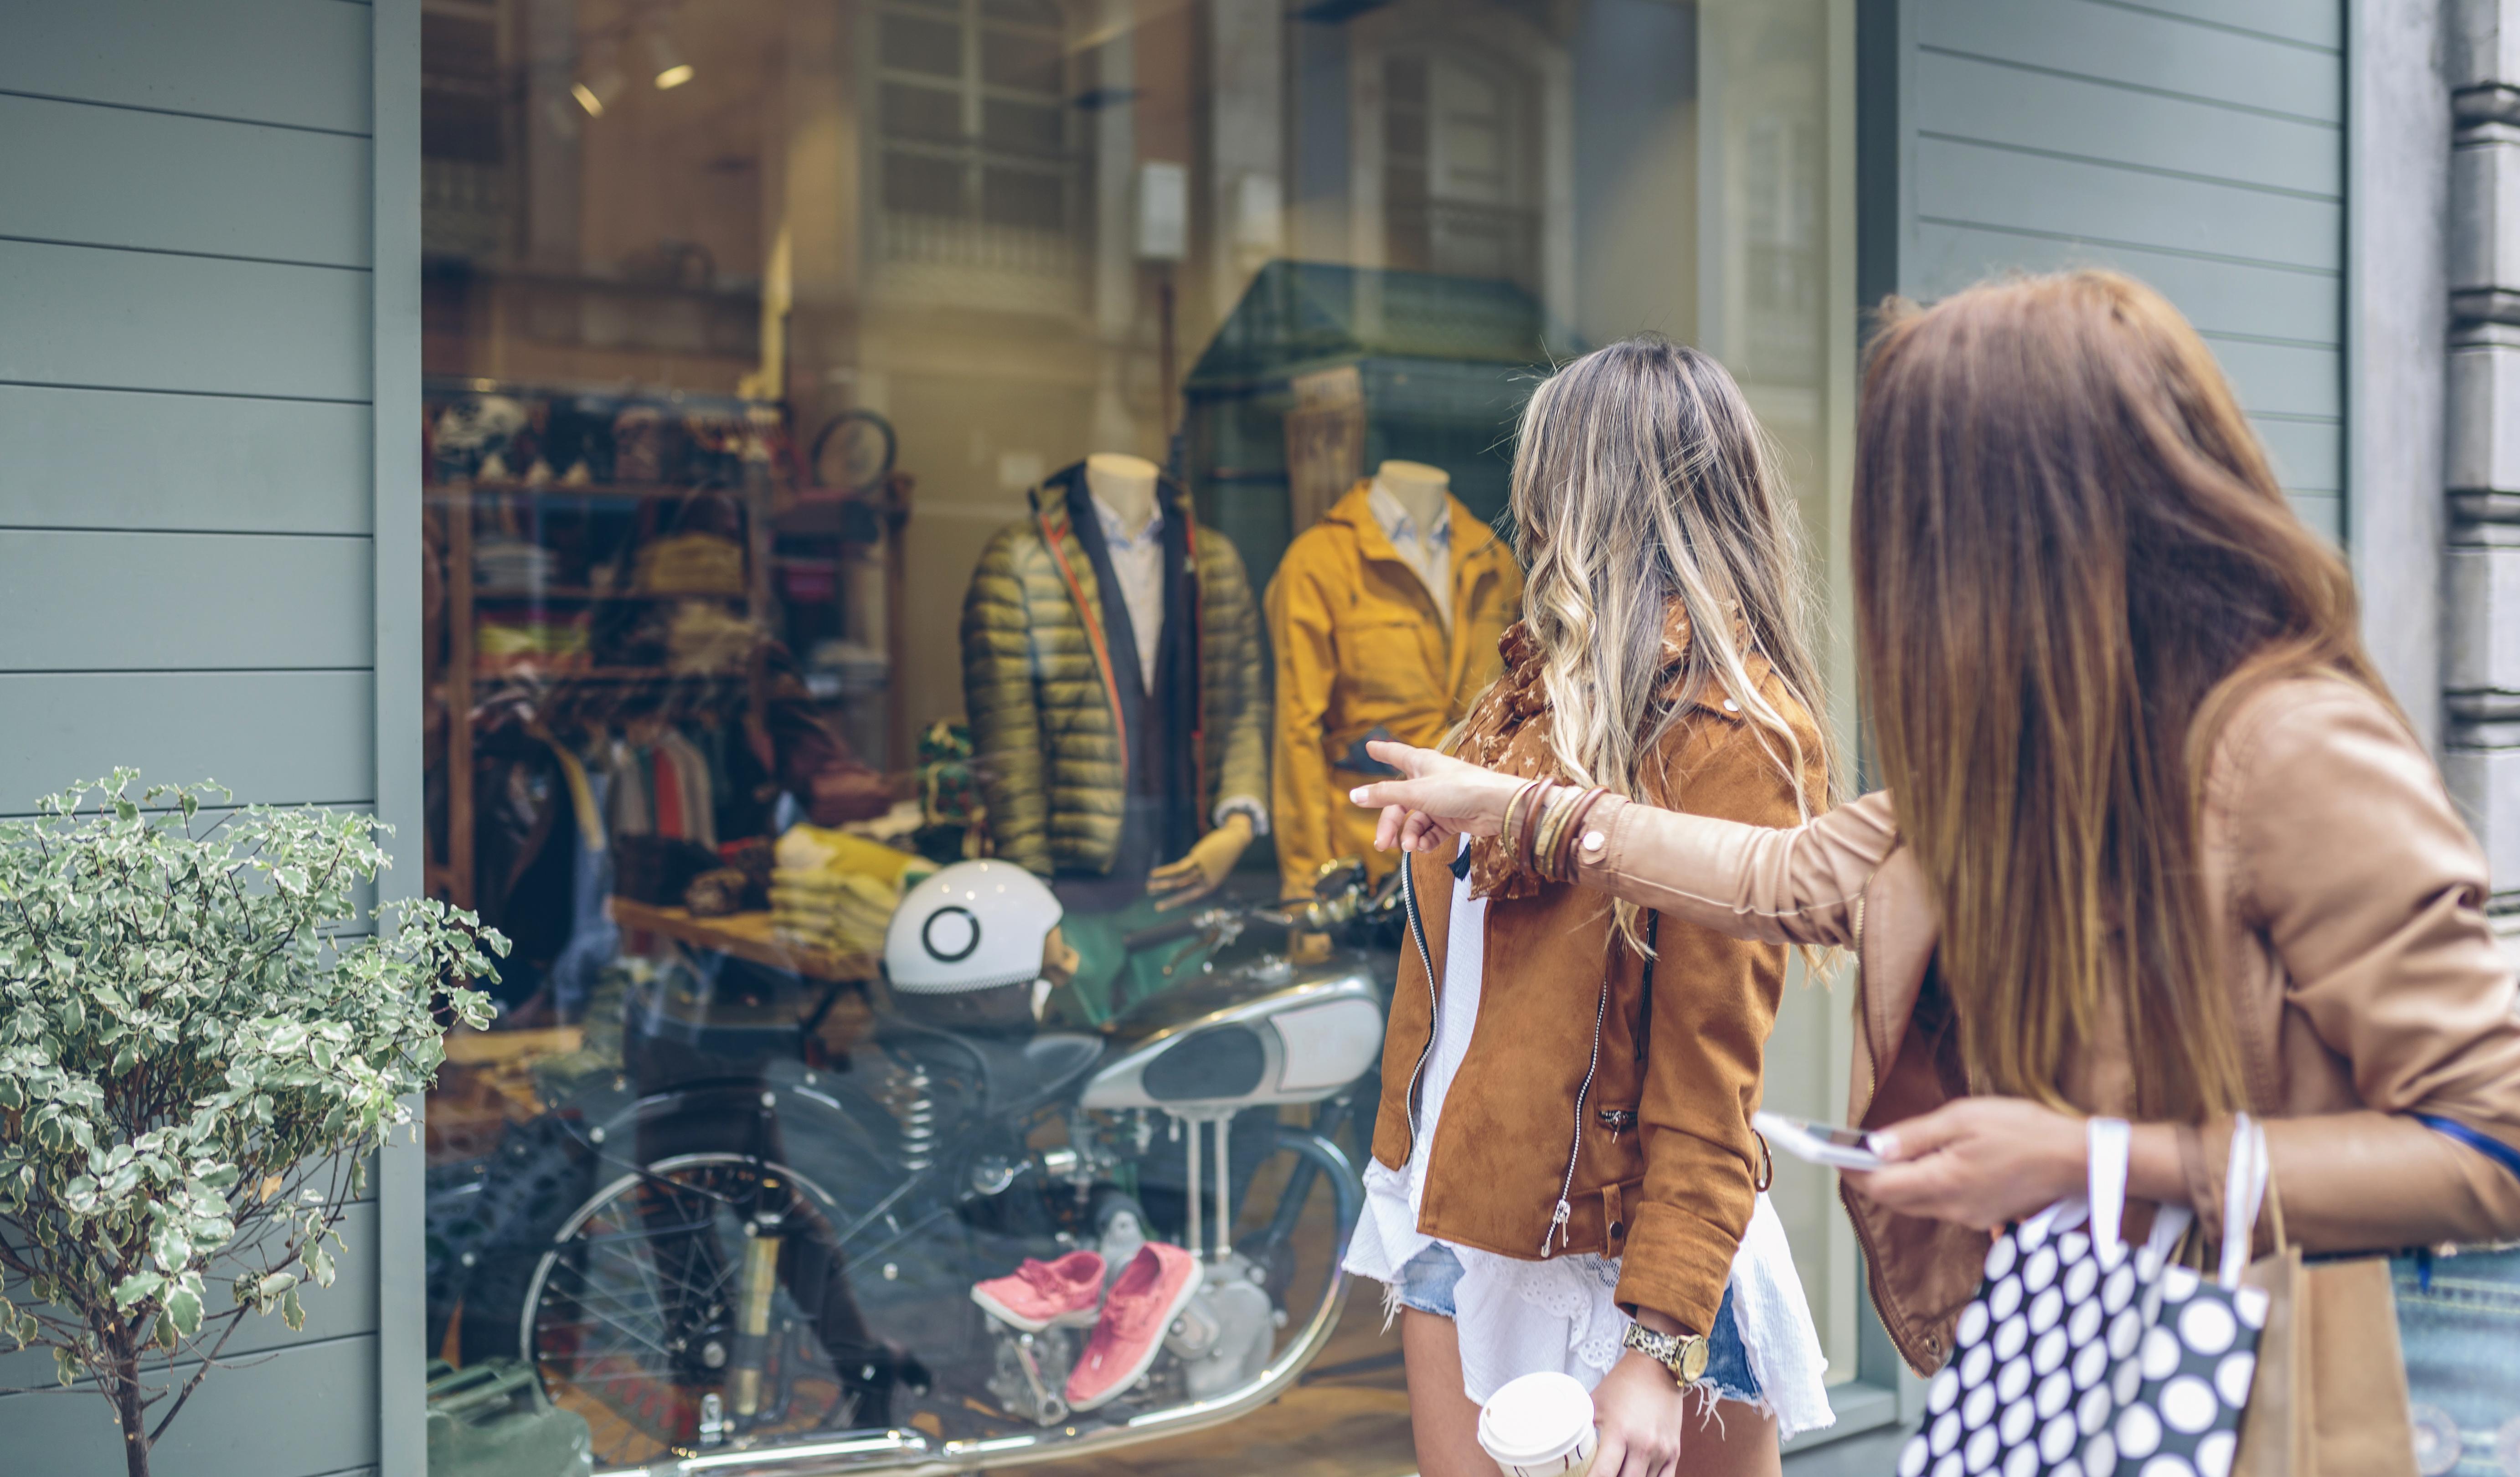 Loja , undefined - Venda lojas comércio de rua em Lisboa - 9